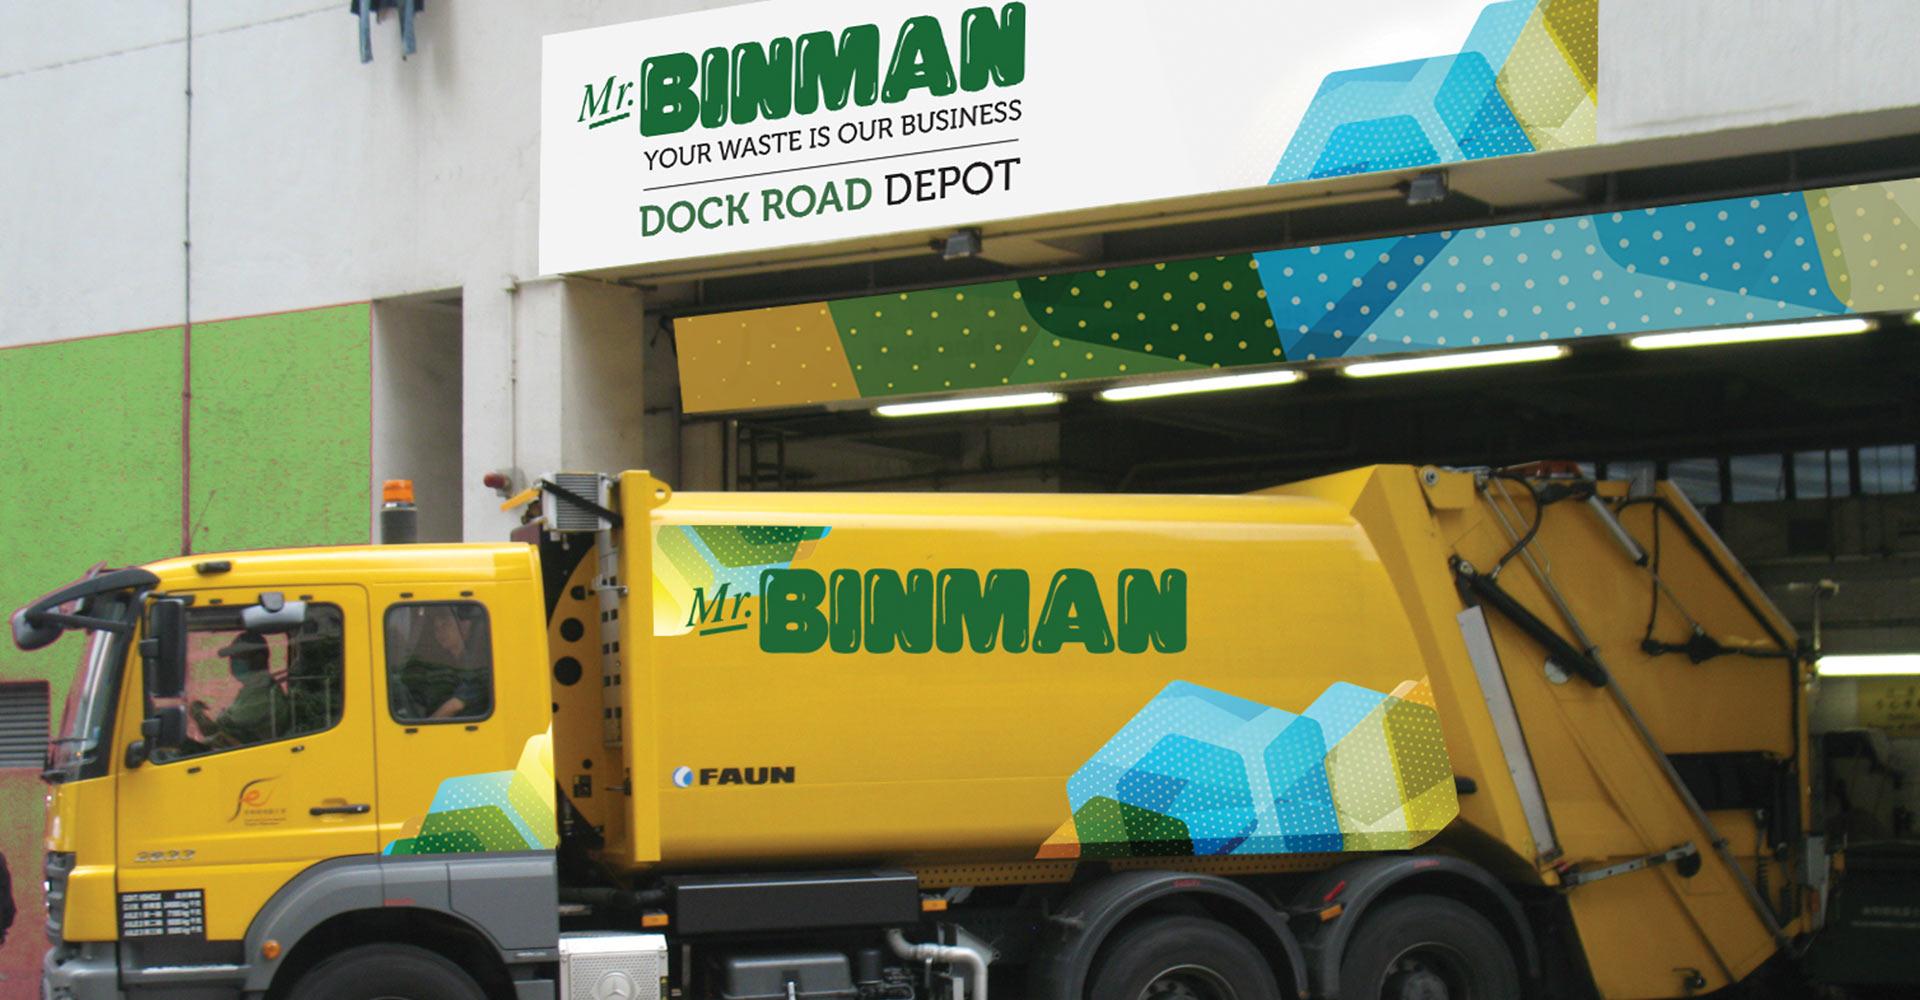 Mr Binman